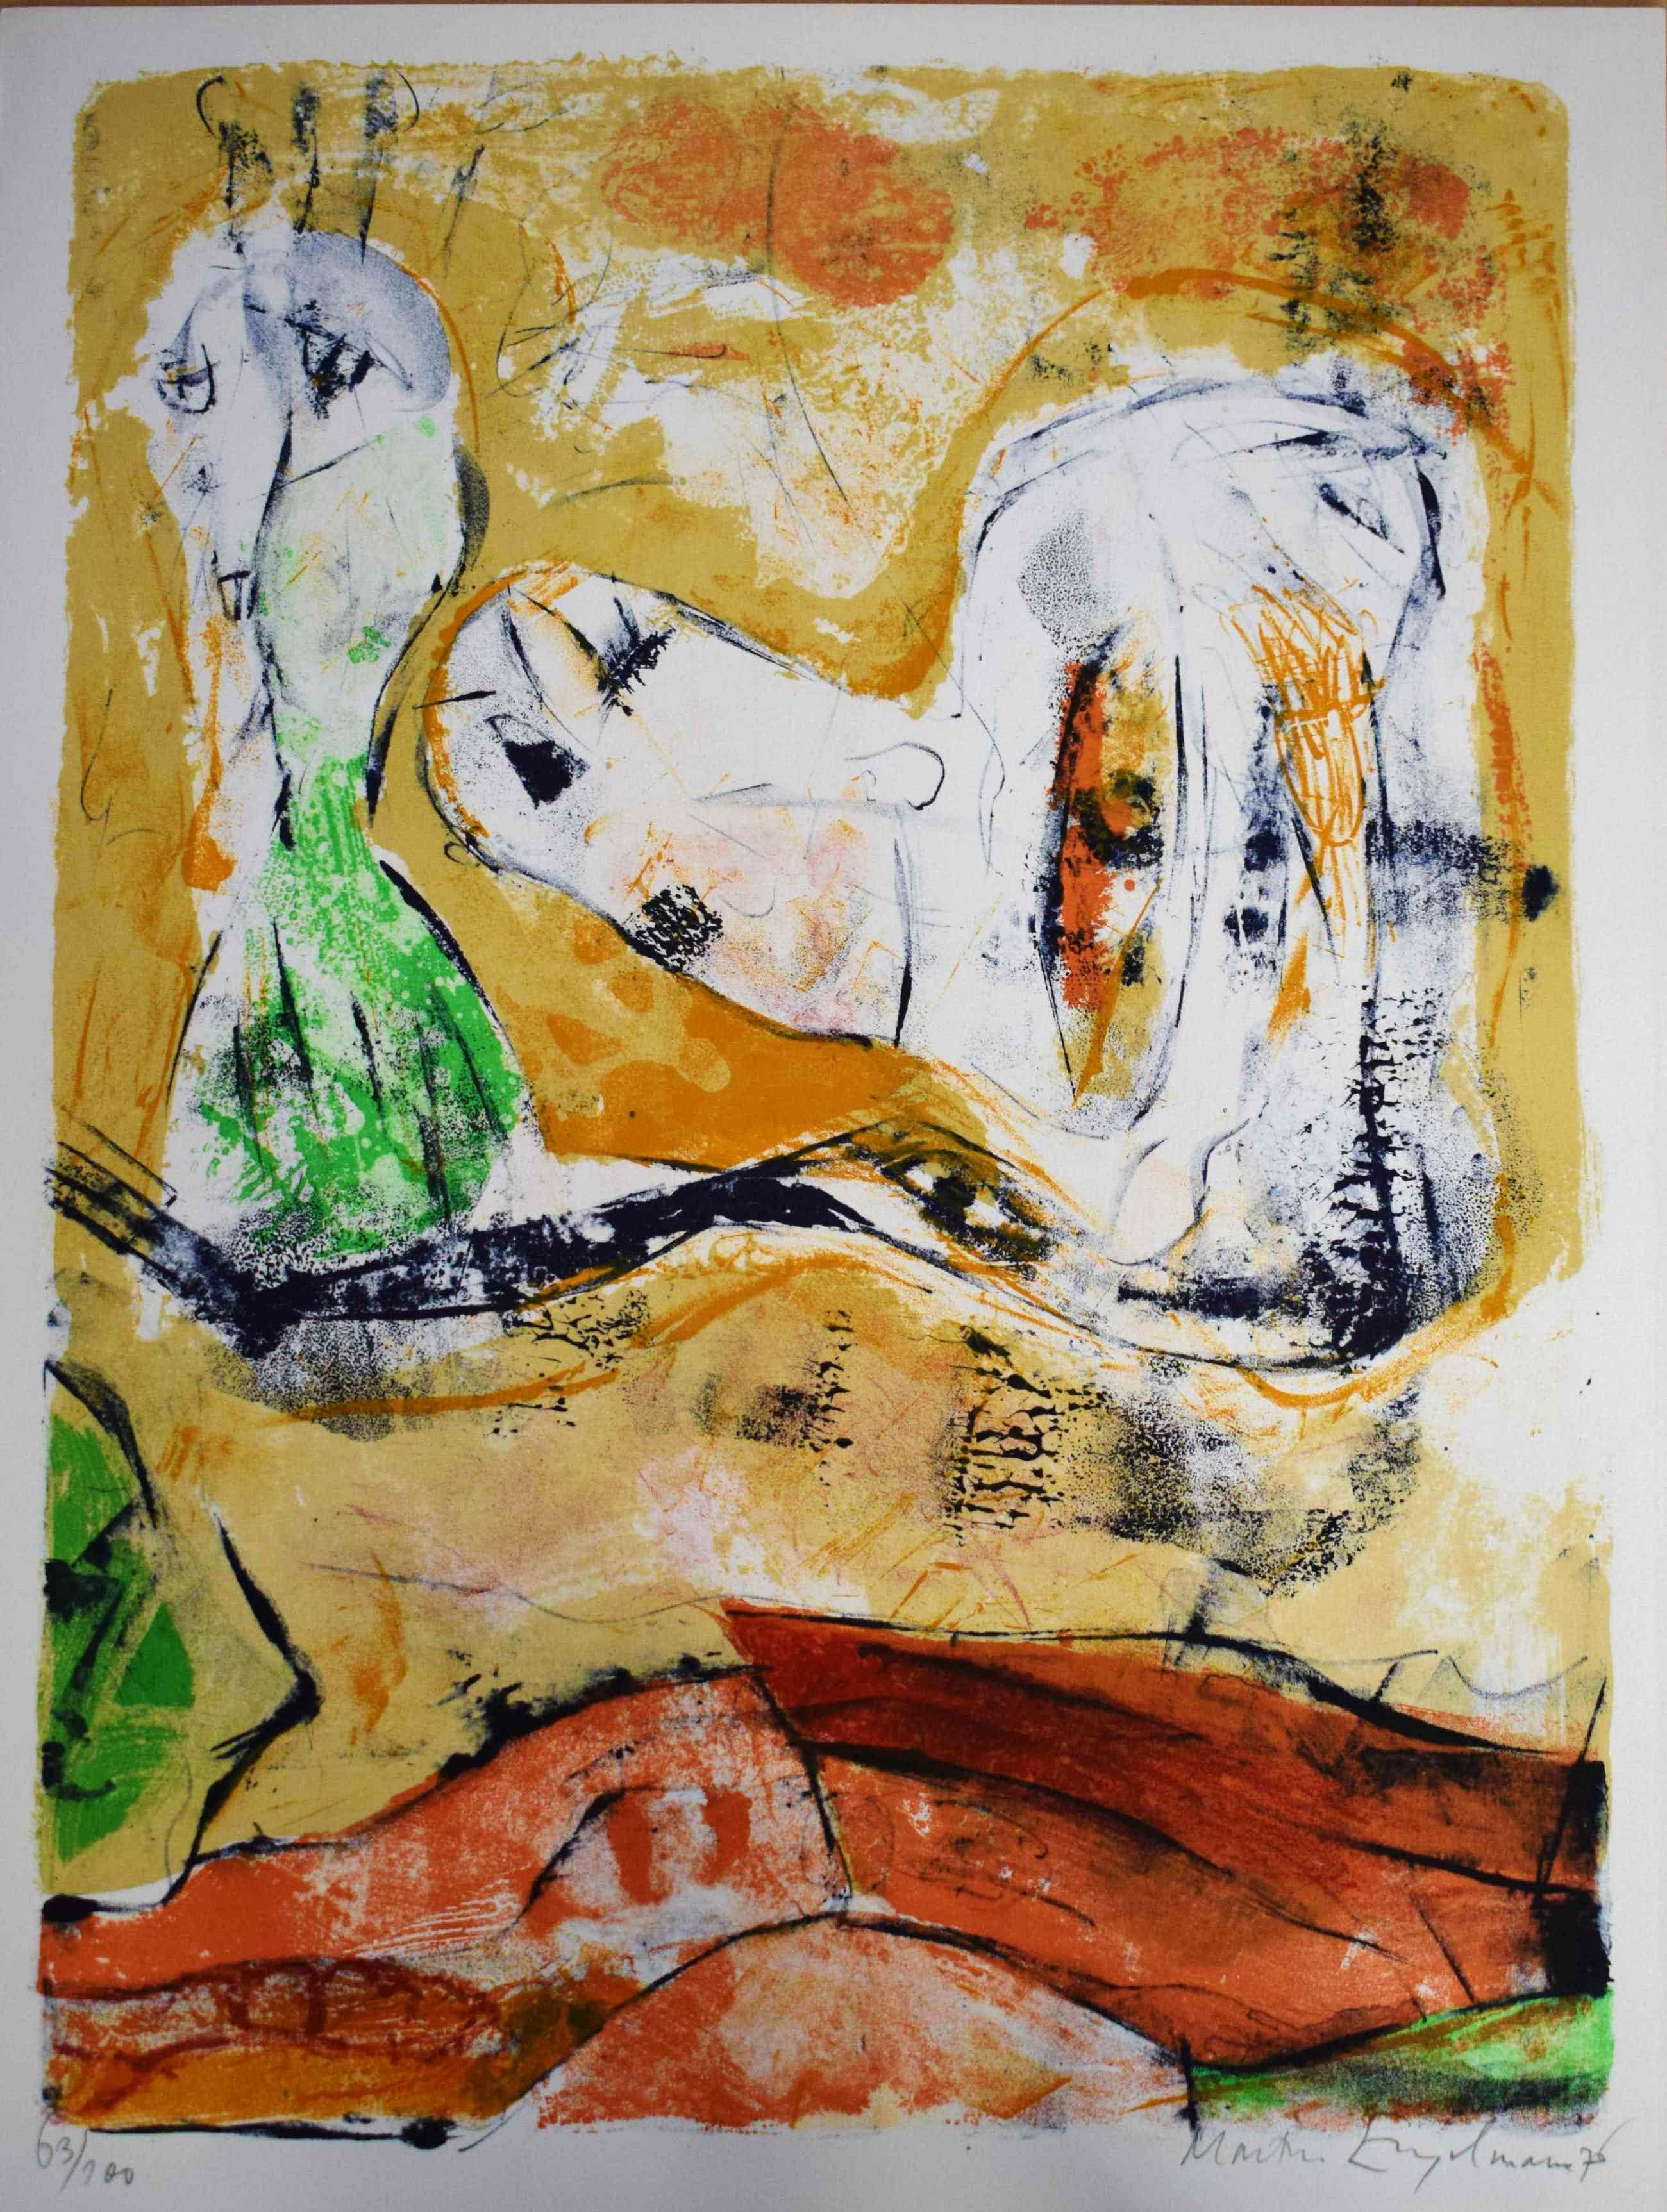 Martin Engelman - Hommage aan Max Ernst kopen? Bied vanaf 75!